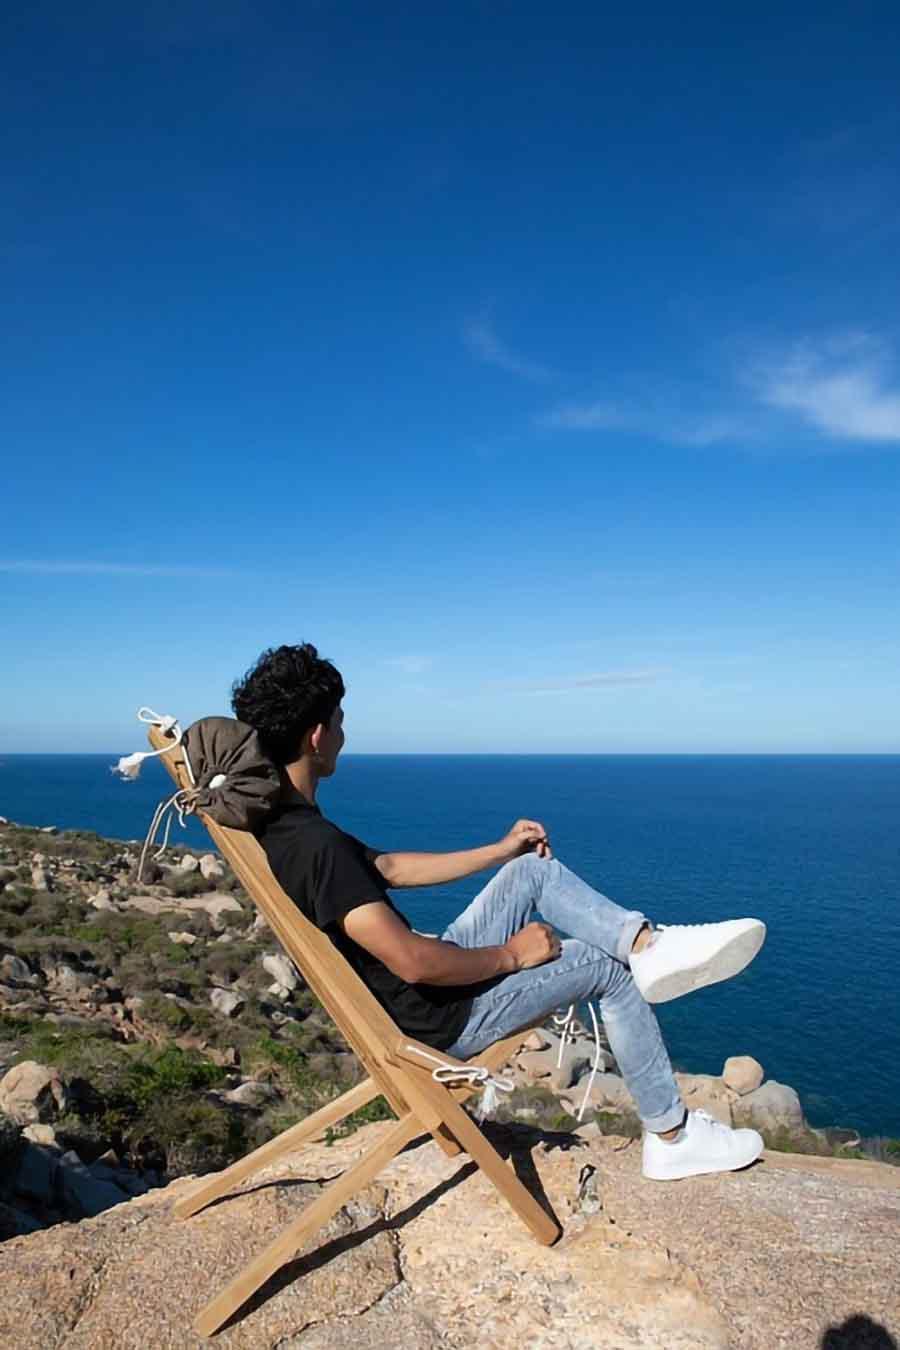 Thật tiện lợi khi luôn có một chiếc ghế thoải mái ởbất kỳ nơi đâu mình đến